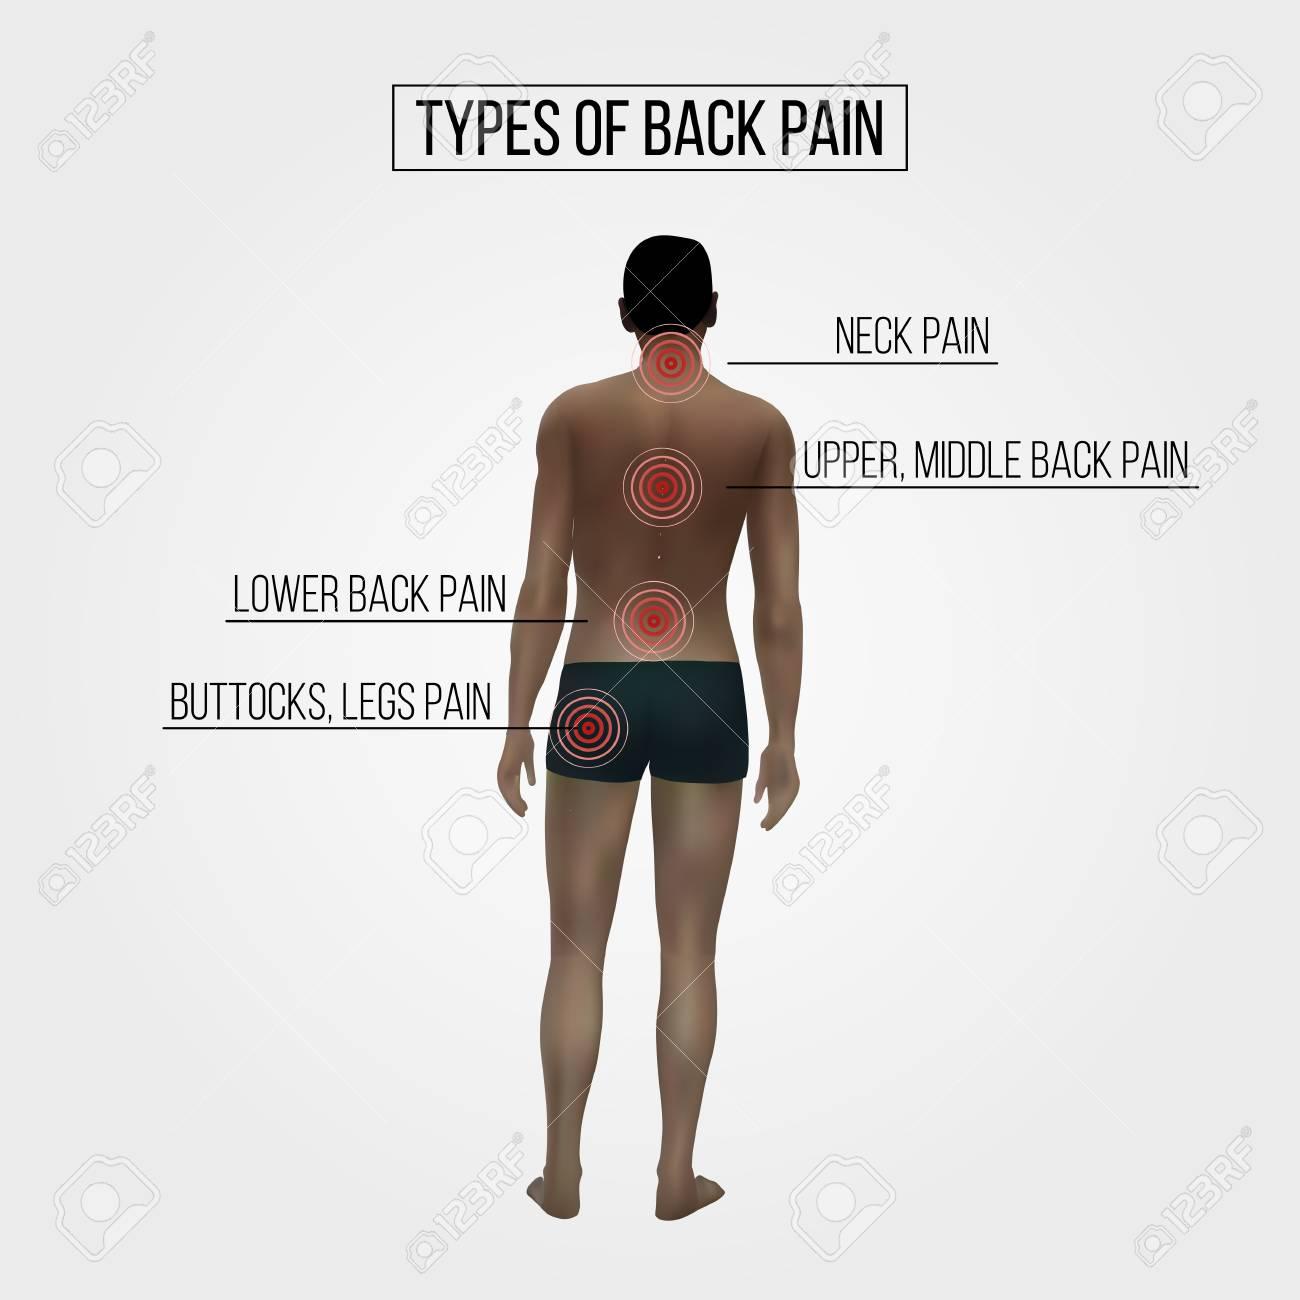 が 痛い 上部 背中